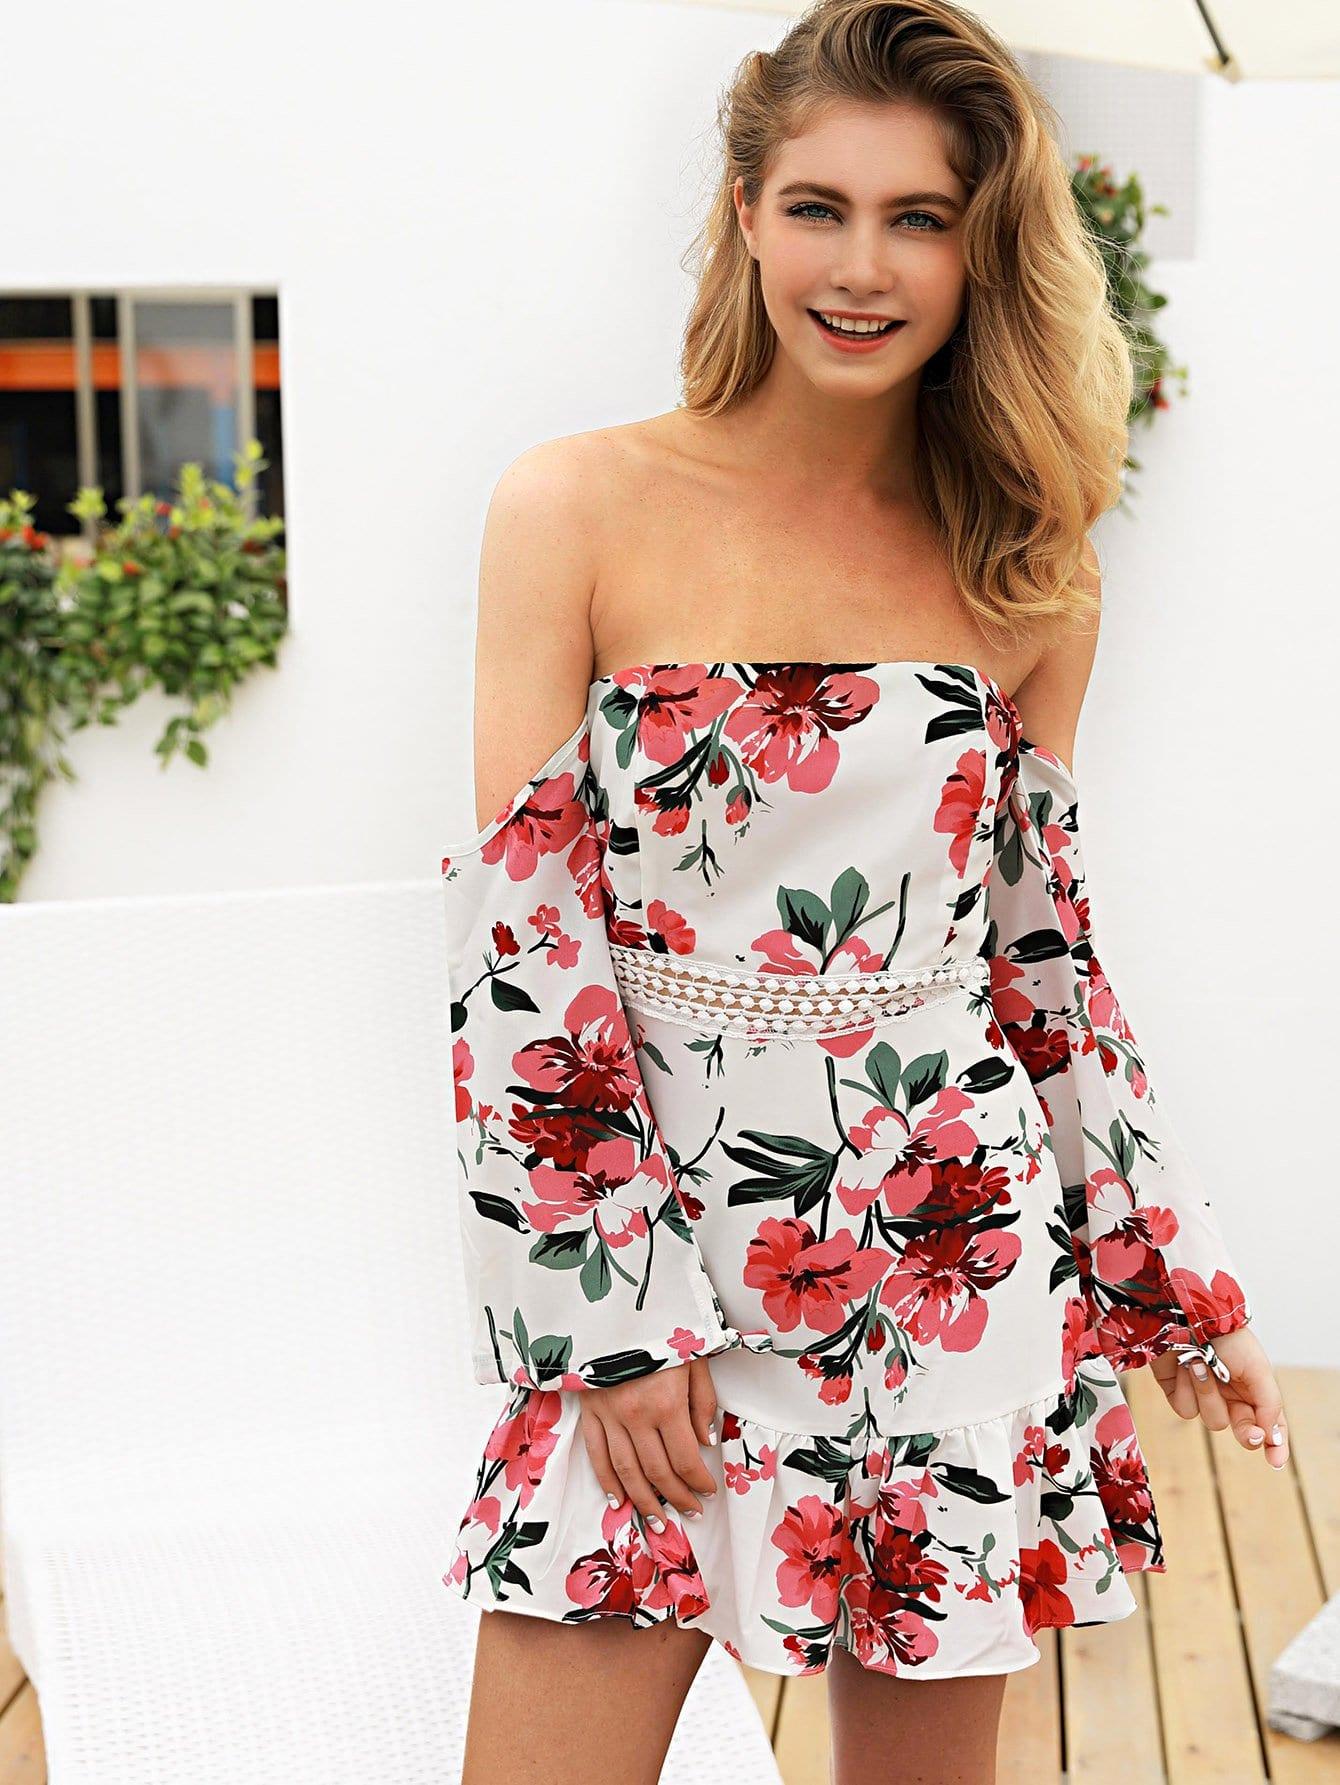 Off Shoulder Floral Print Dress sweet off the shoulder floral dress for women